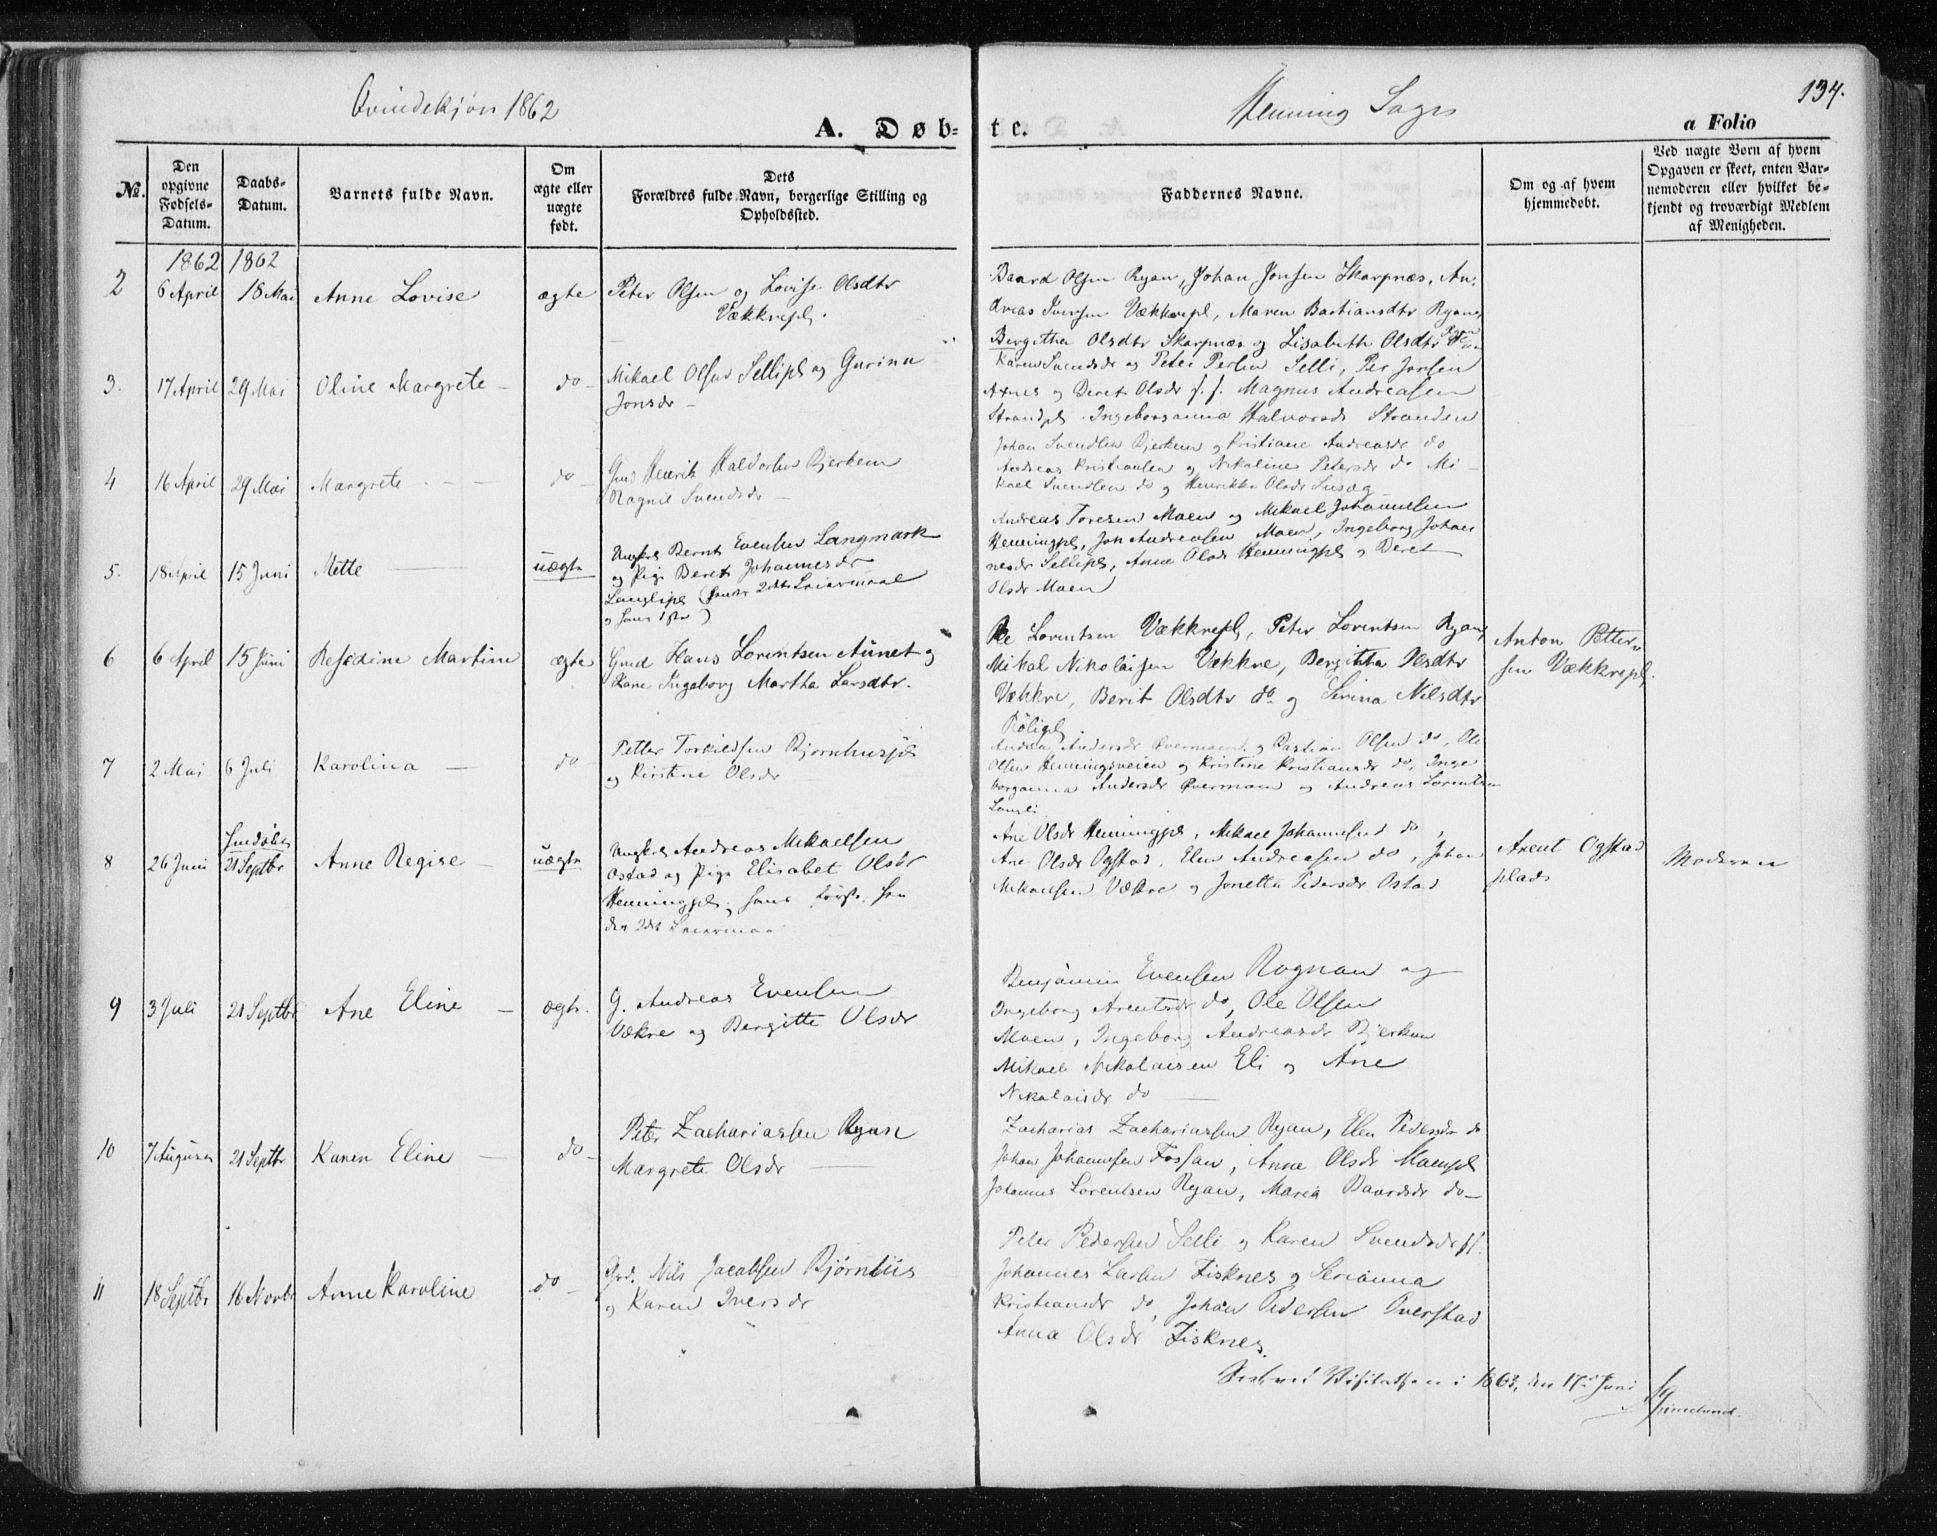 SAT, Ministerialprotokoller, klokkerbøker og fødselsregistre - Nord-Trøndelag, 735/L0342: Ministerialbok nr. 735A07 /3, 1849-1862, s. 134